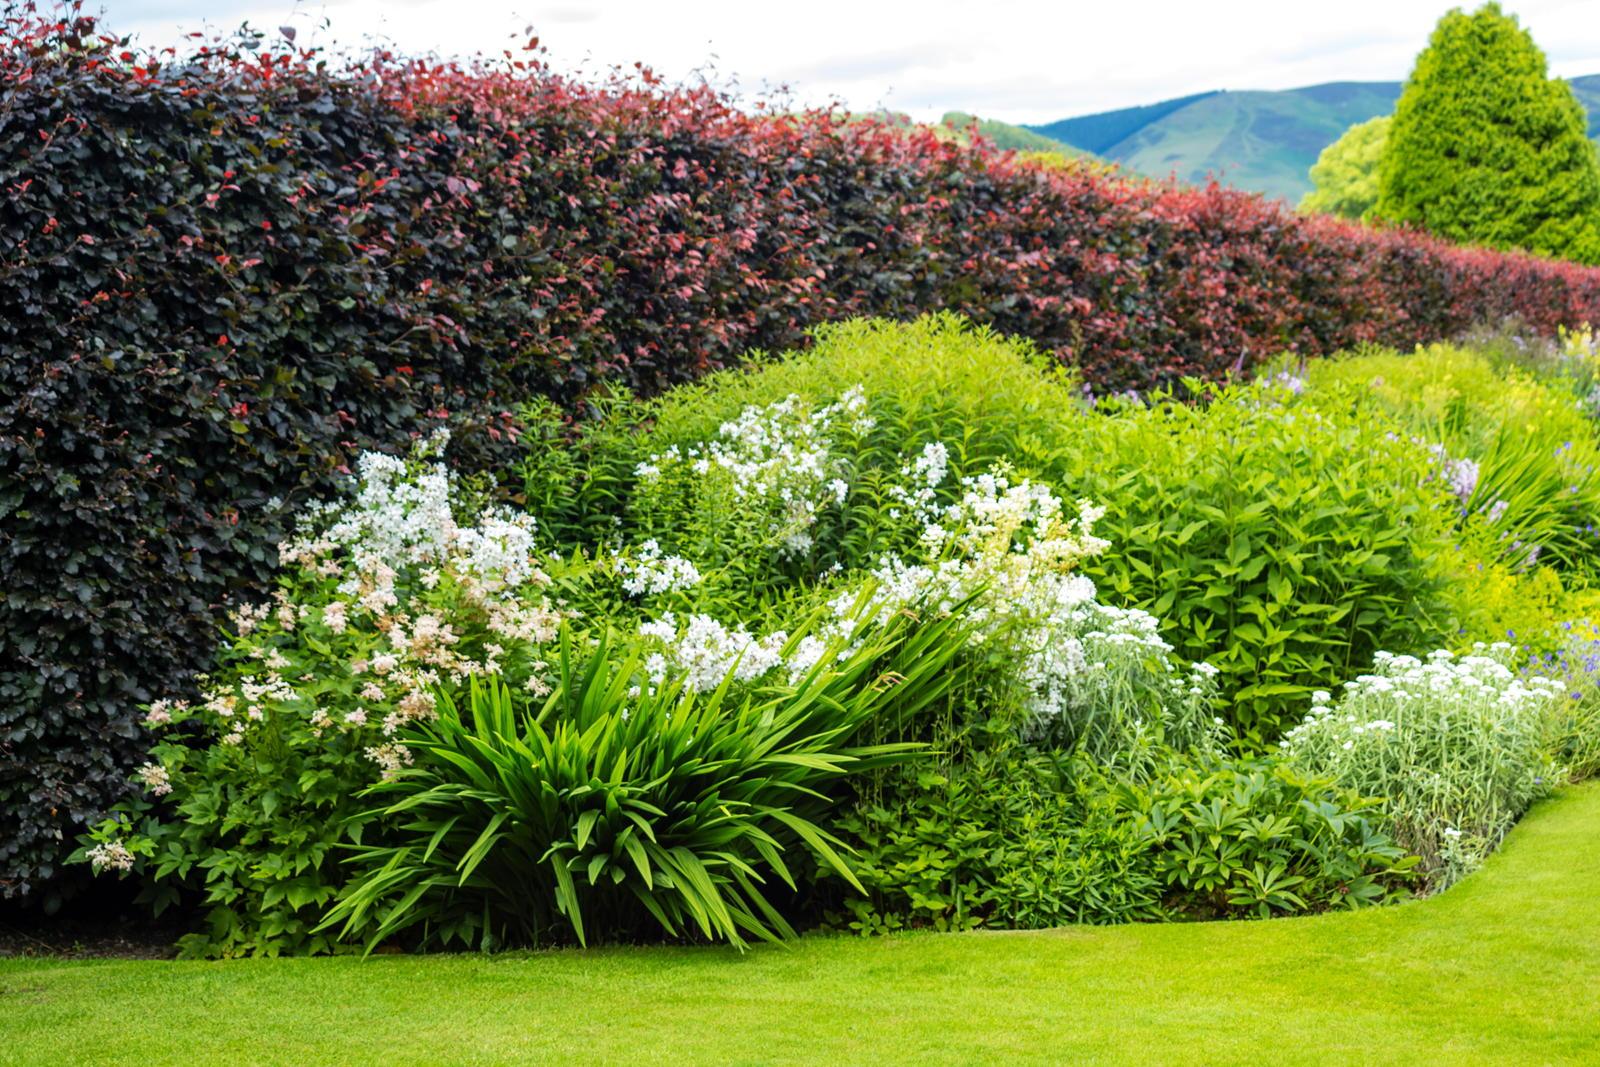 Pflanzen Als Sichtschutz Fur Garten Balkon Plantura